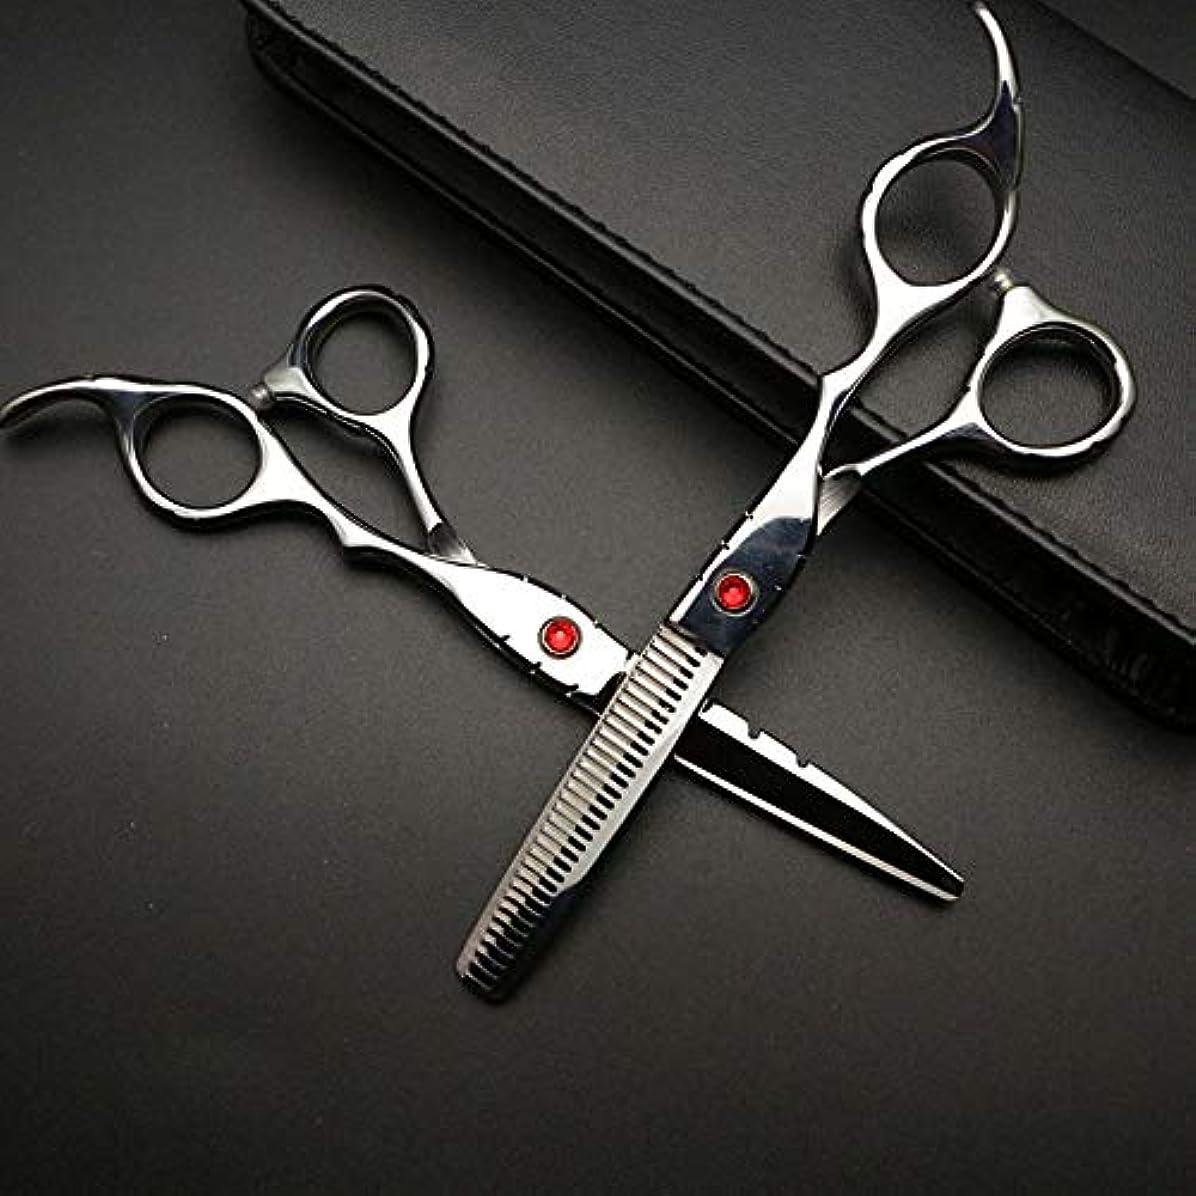 発揮する破裂先のことを考える6インチ美容院プロフェッショナル理髪セット、ハイエンド理髪はさみセット ヘアケア (色 : Silver)